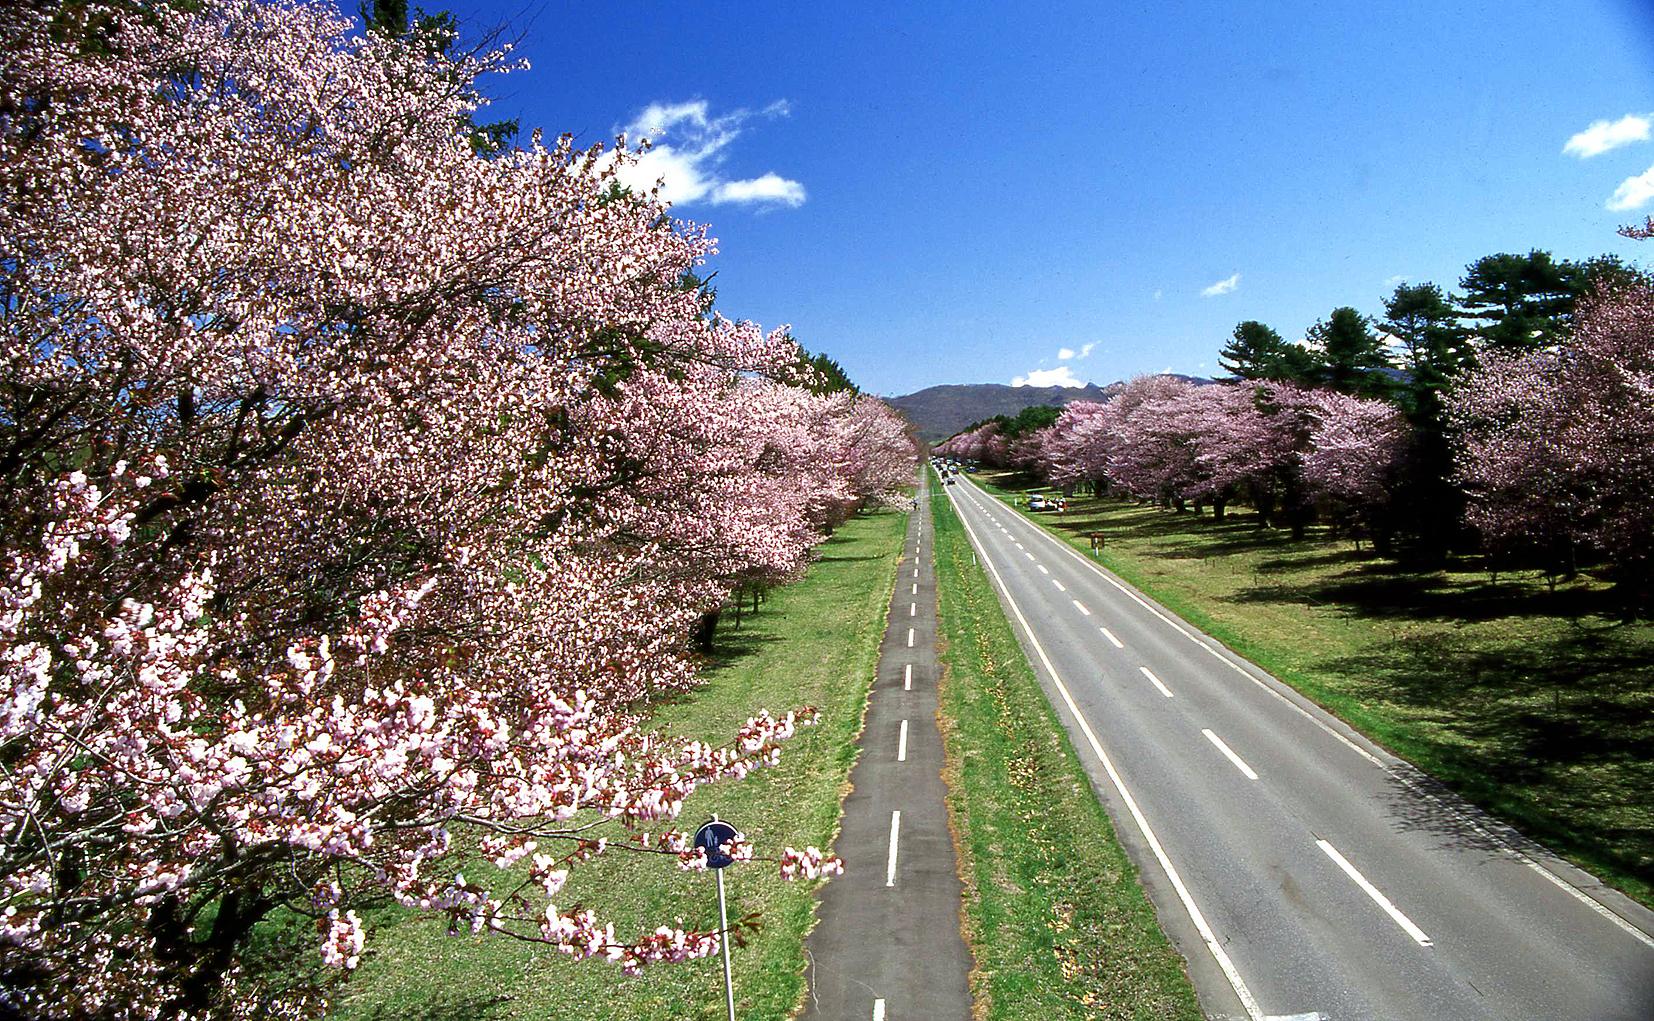 静内二十間道路桜並木と 太陽の森ディマシオ美術館 札幌発着 (5/8) 札幌